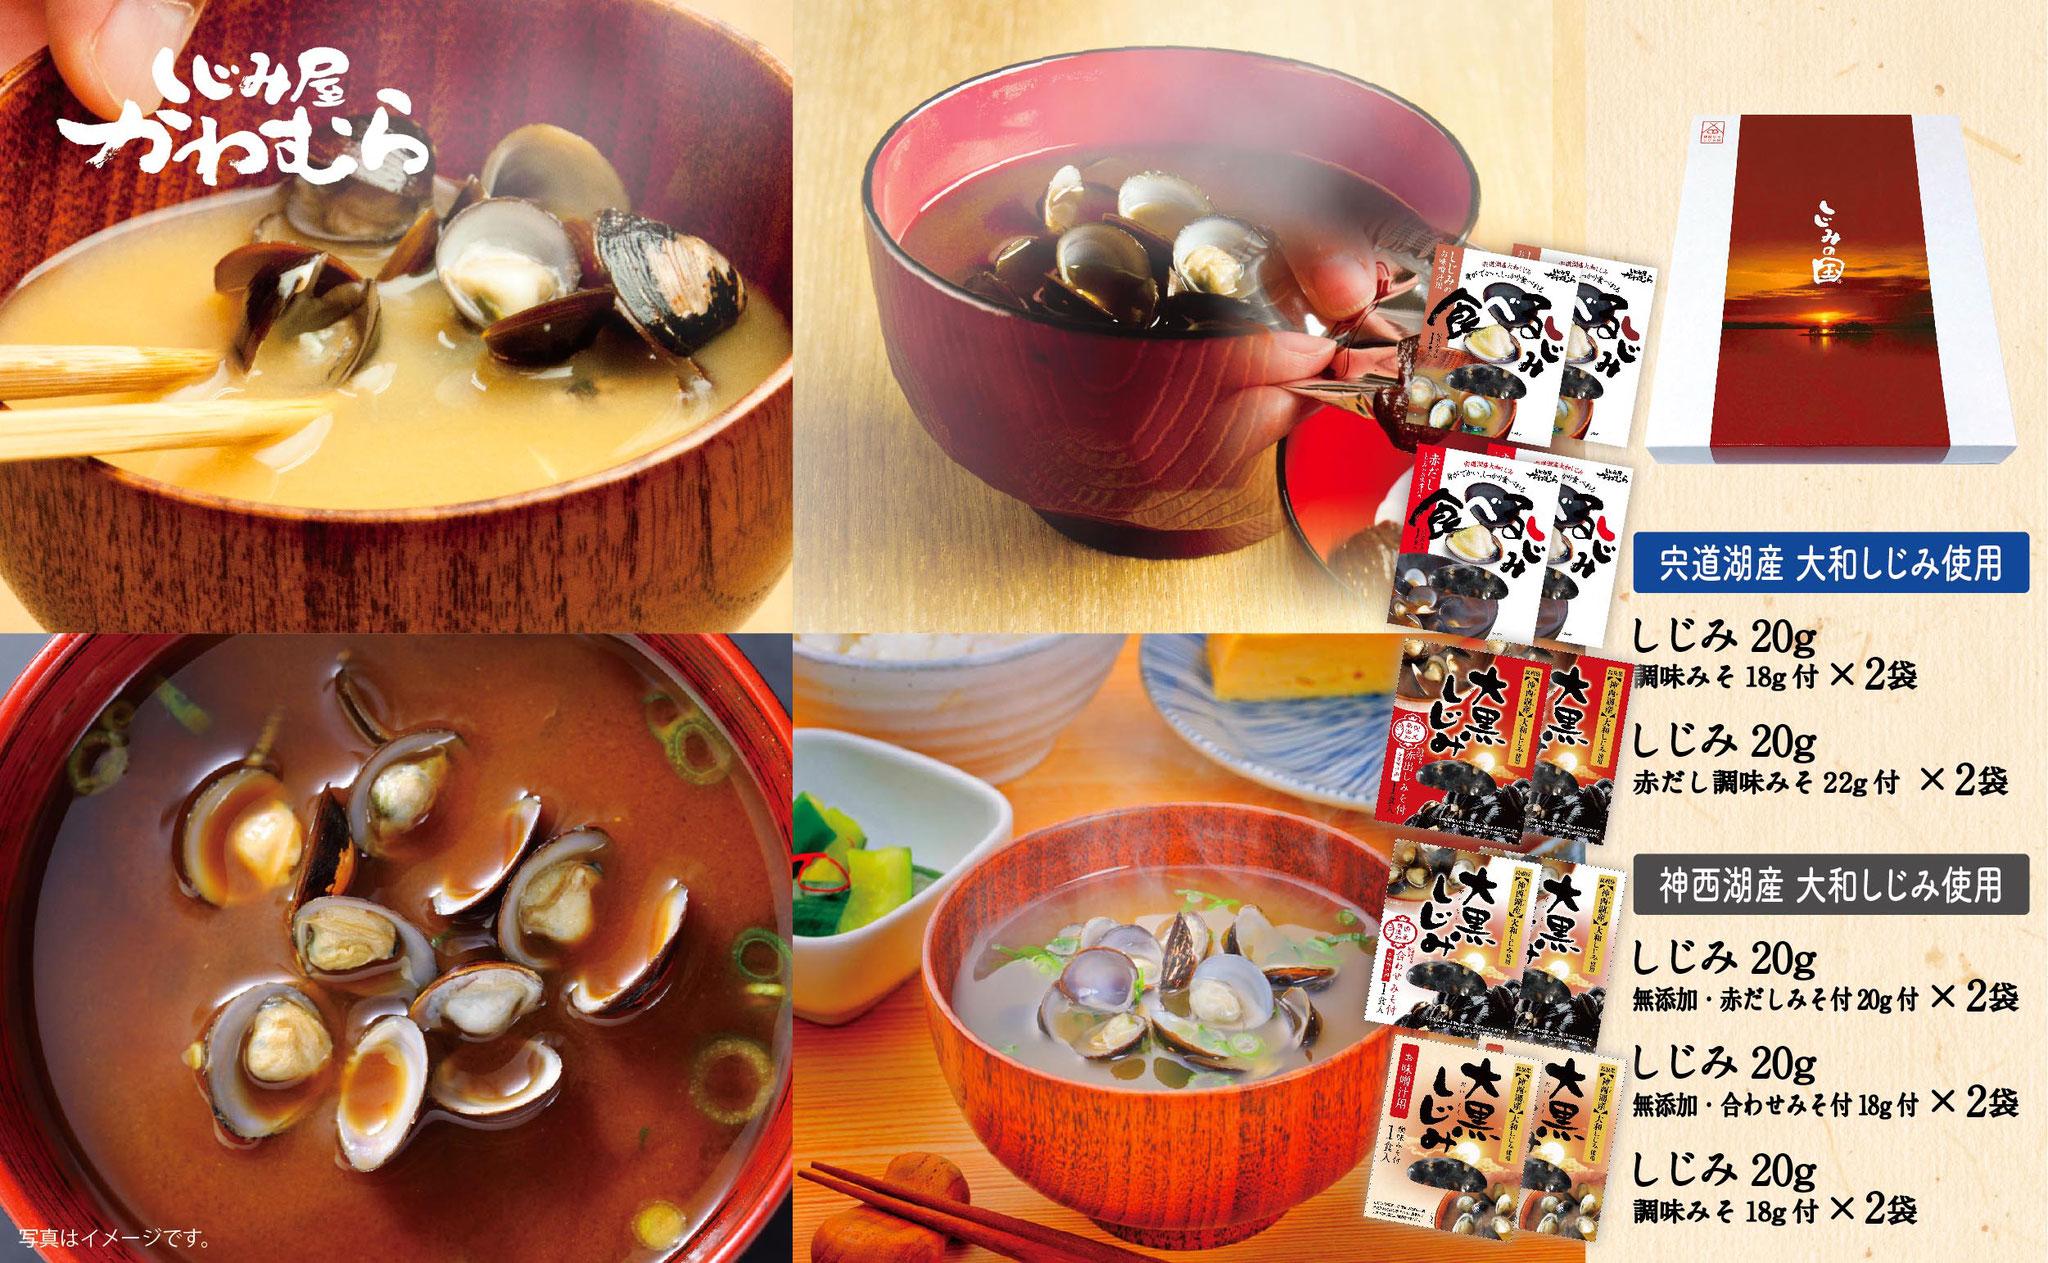 宍道湖産&神西湖産しじみ味噌汁食べ比べセット